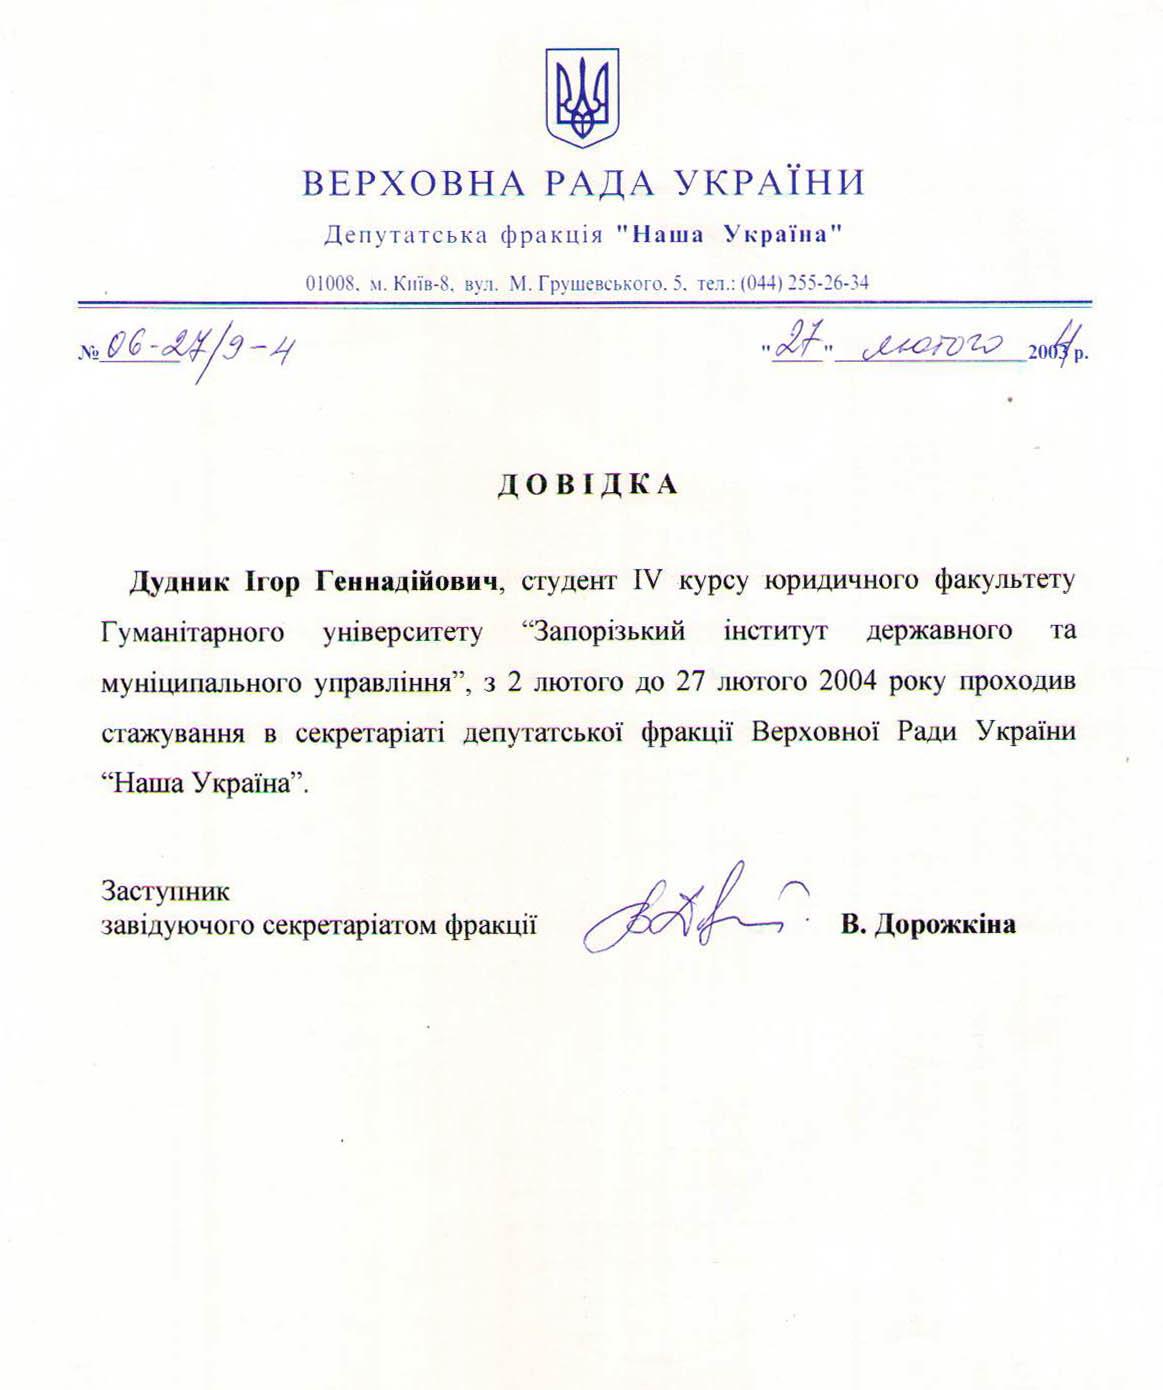 Довідка. Стажування в секретаріаті депутатської фракції. Дудник Ігор Геннадійович